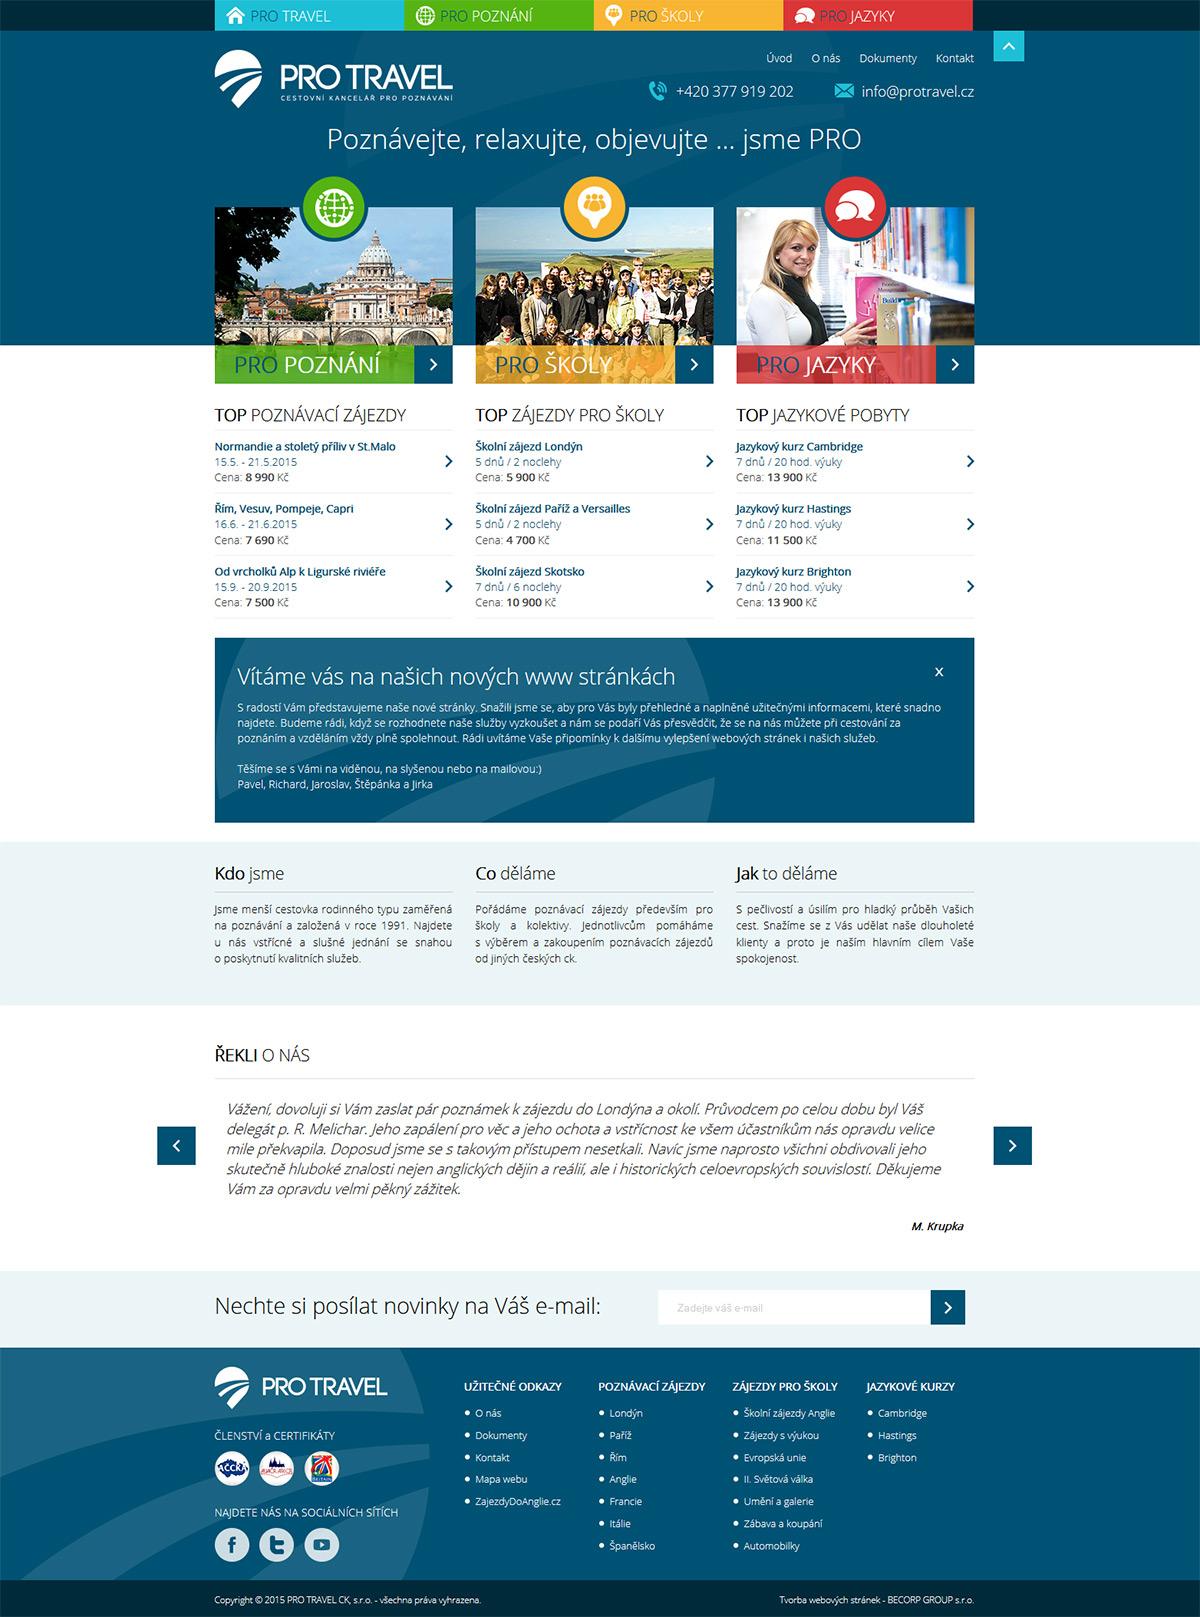 Moderní responzivní plný funkcí pro plzeňskou cestovní kancelář